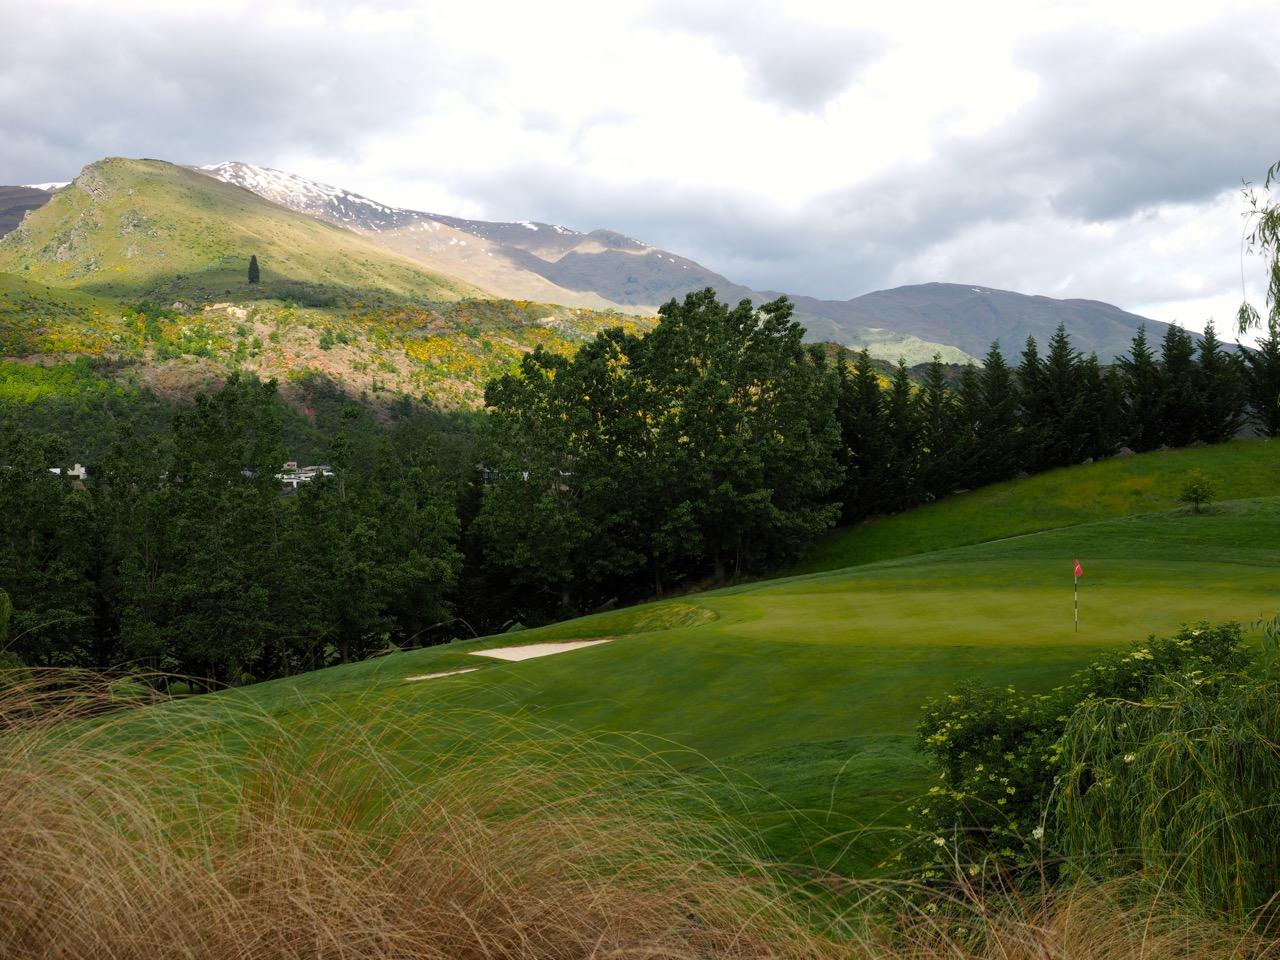 Le Hills Golf Club